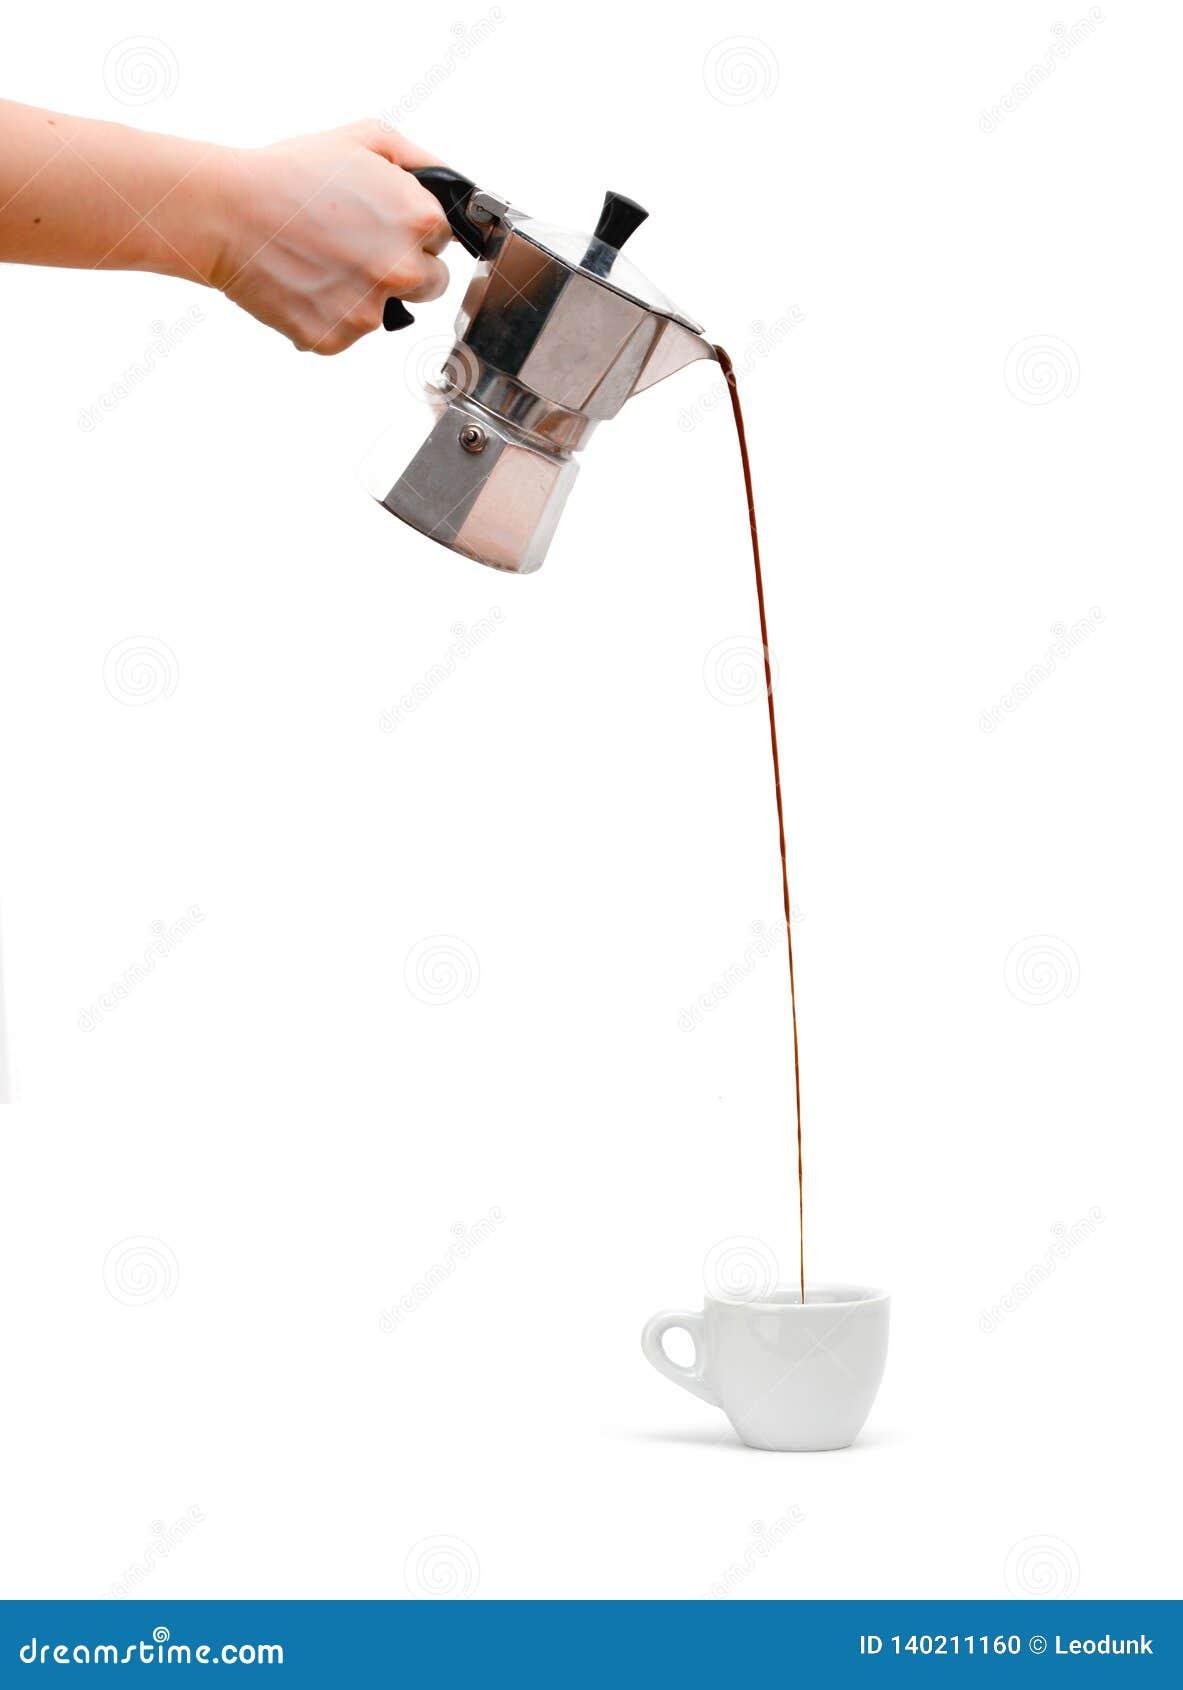 Auslaufender Espresso von silbernem moka Topf zur Porzellanschale